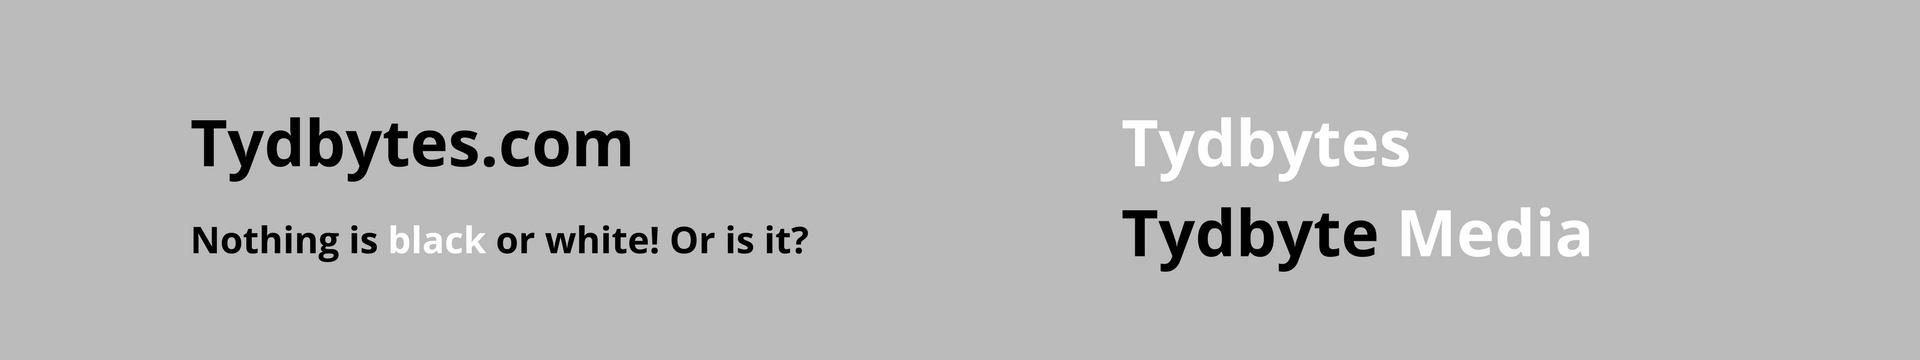 Tydbytes - Tydbyte Media